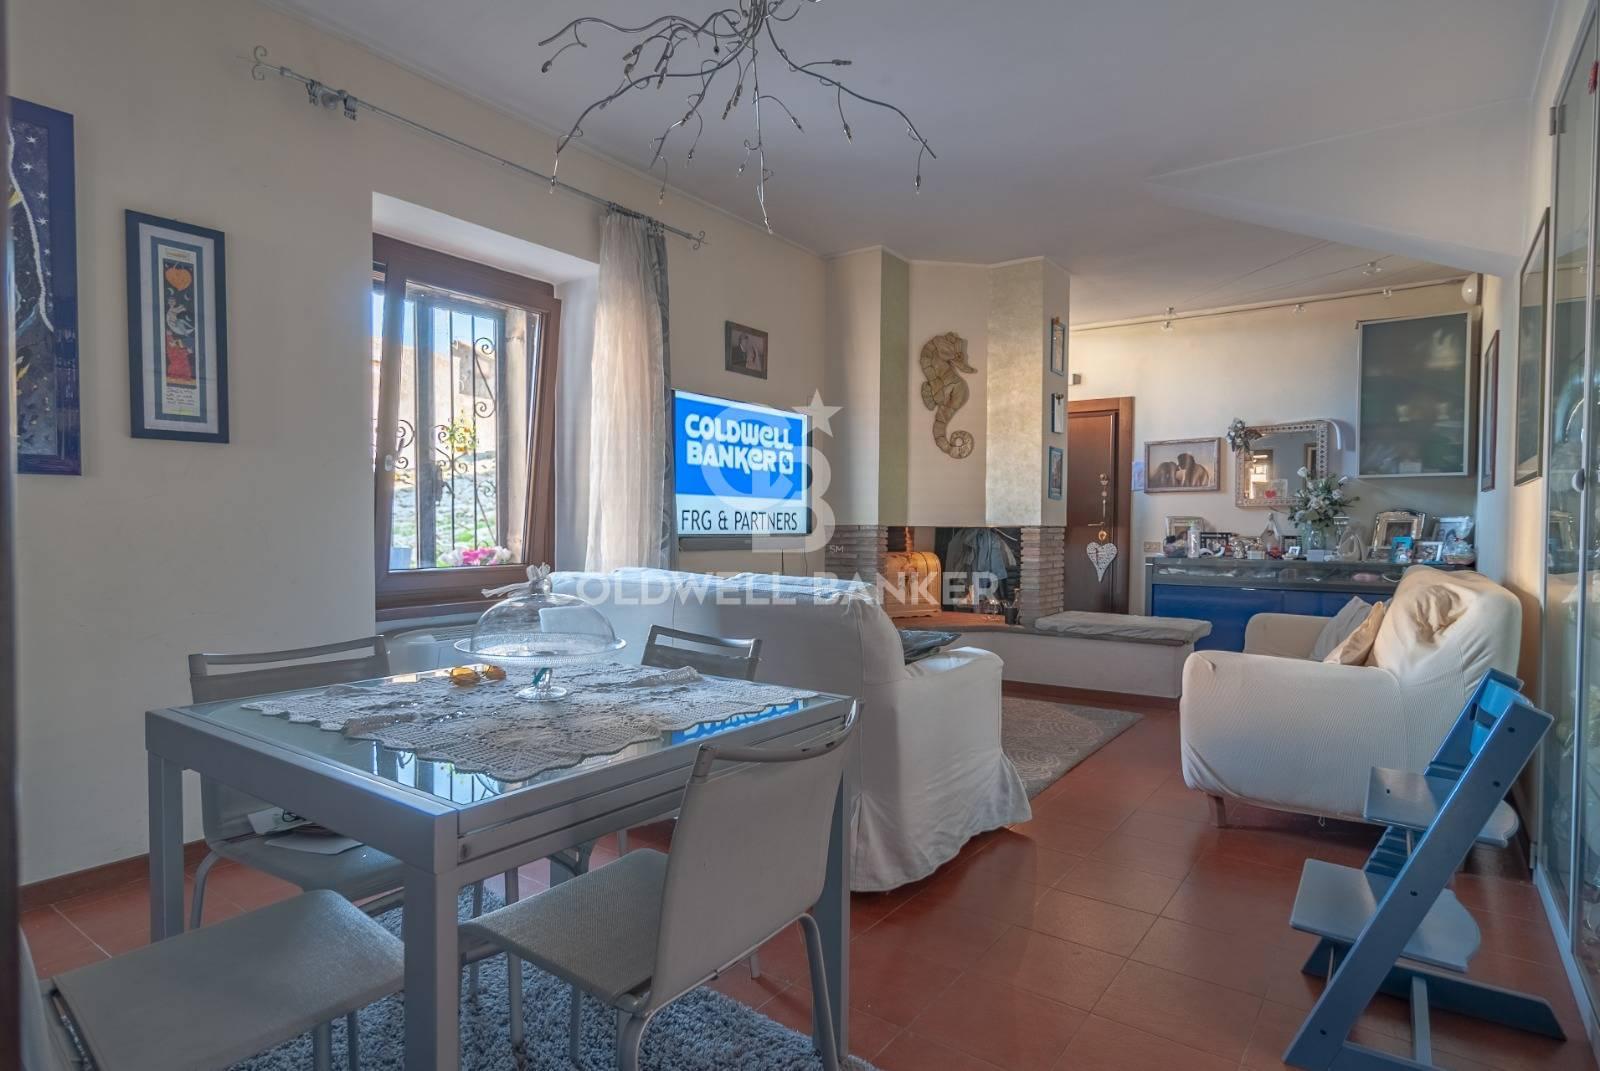 Appartamento in vendita a Viterbo, 3 locali, zona Zona: Centro, prezzo € 120.000 | CambioCasa.it